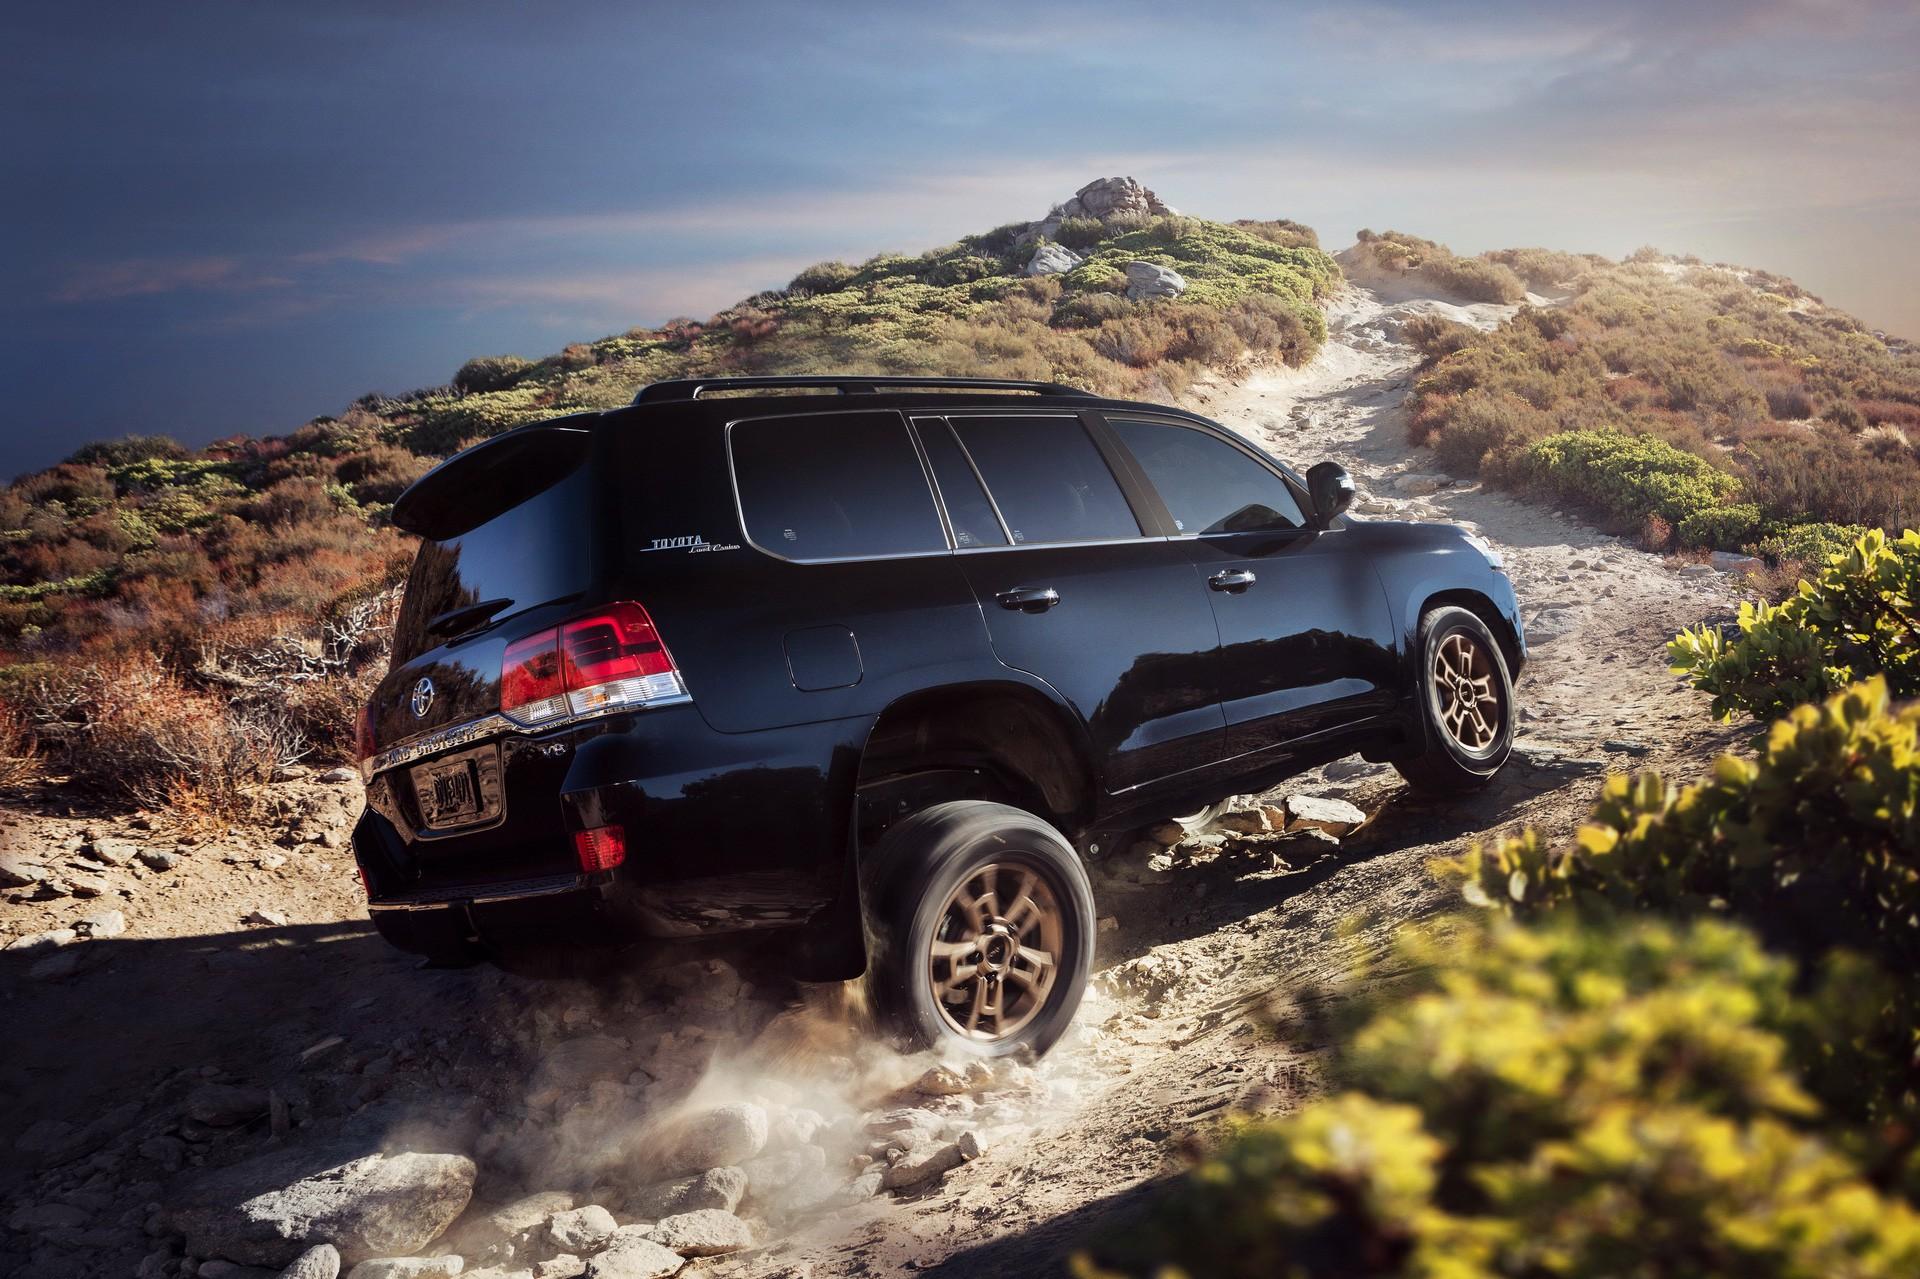 Ra mắt Toyota Land Cruiser 2021 - 'chiến binh sa mạc' ưa thích của giới nhà giàu Ả Rập